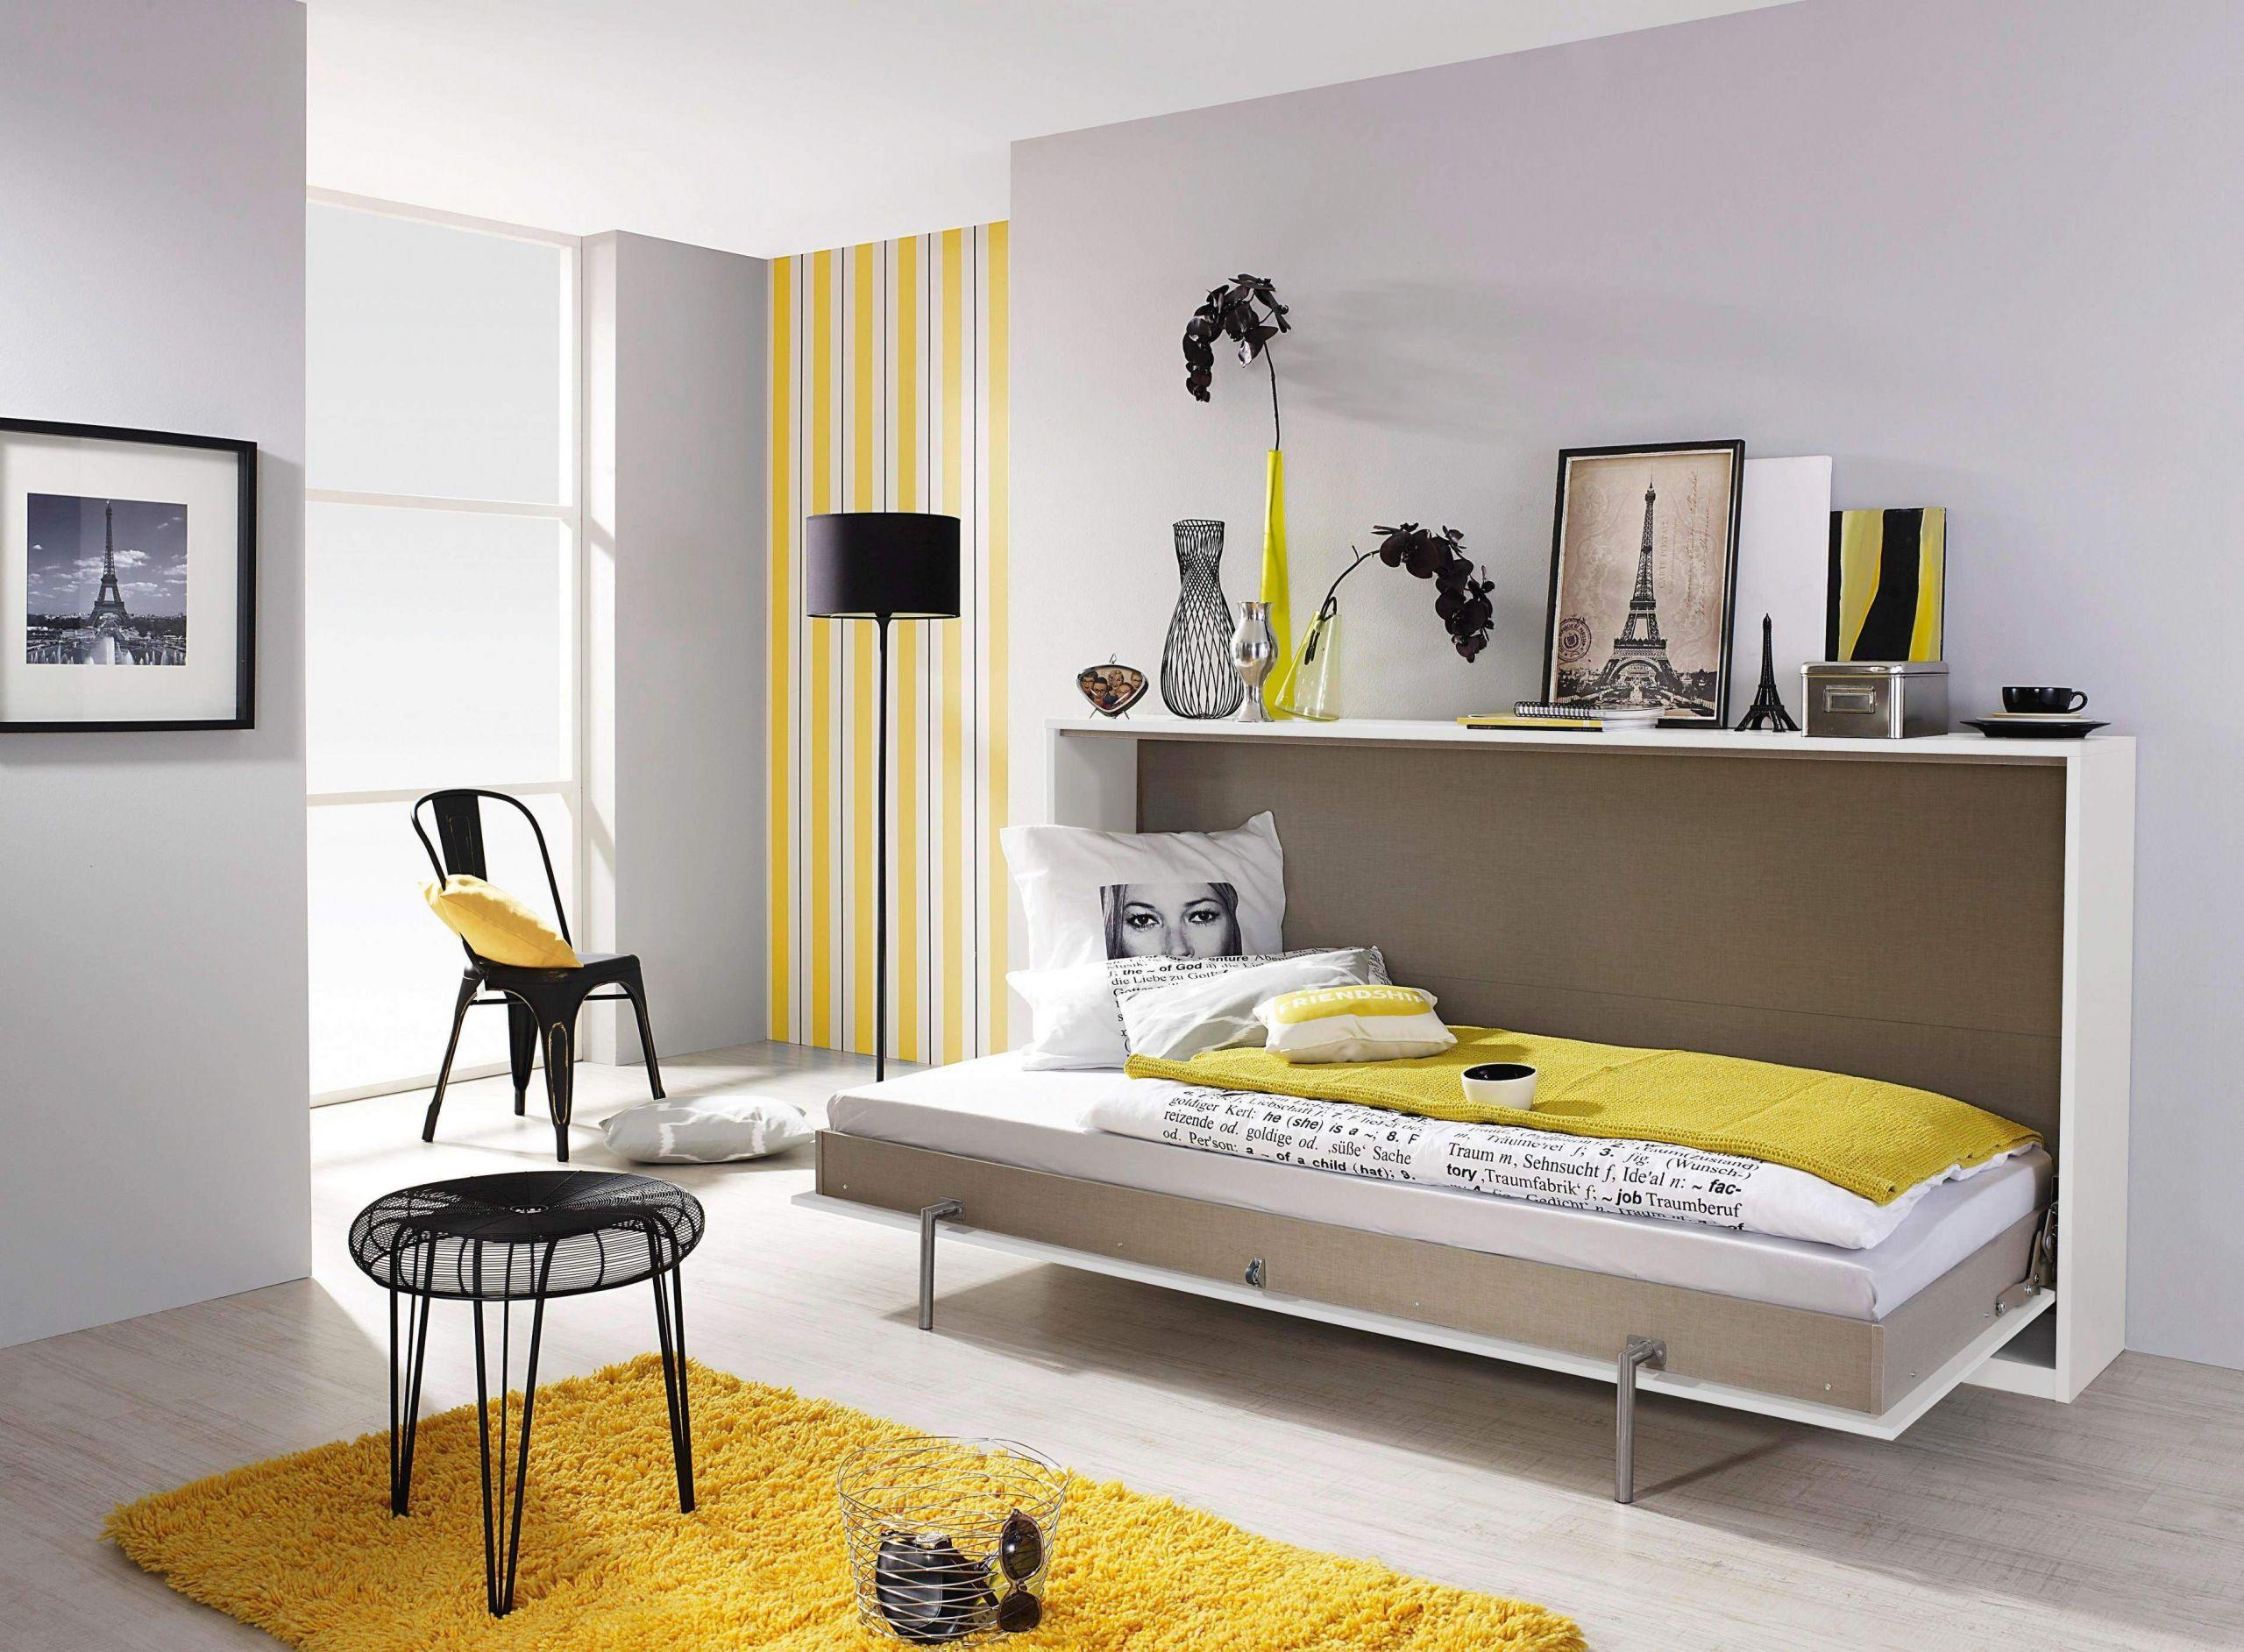 voglauer mobel wohnzimmer das beste von mobel lutz schlafzimmer of voglauer mobel wohnzimmer